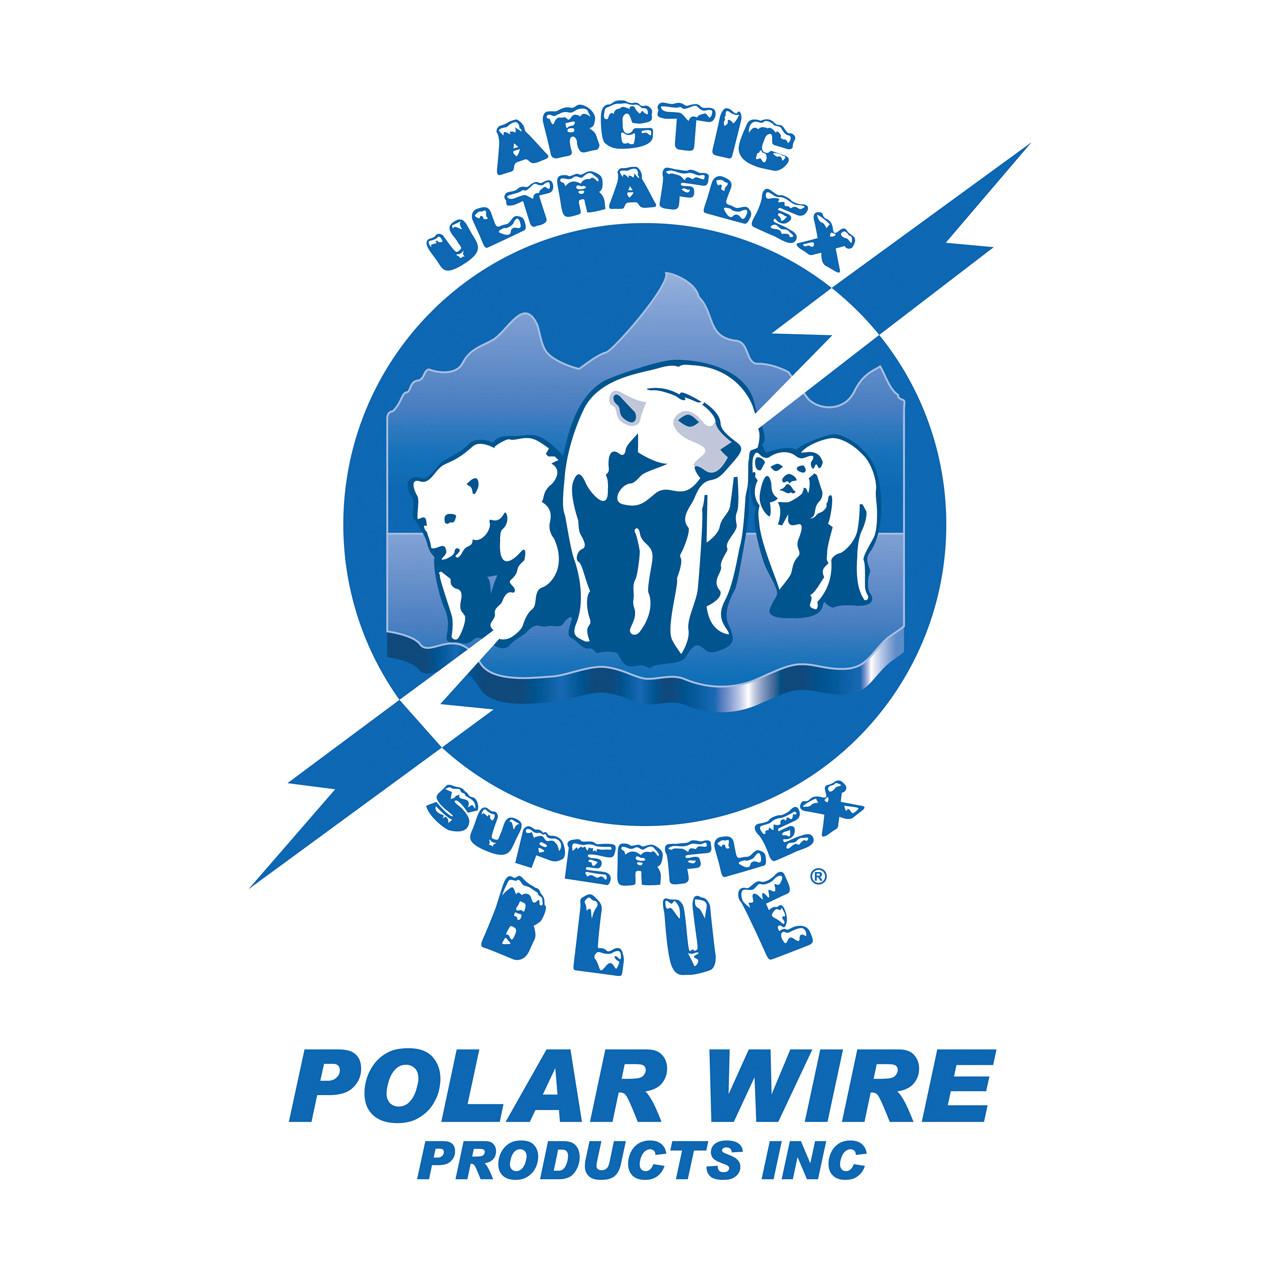 Arctic Ultraflex BlueÌ_ÌÇÌ__Ì_åÇåÎåâÌ_ÌÇåÎÌàÌ_åÇÌ_åä and Arctic Superflex BlueÌ_ÌÇÌ__Ì_åÇåÎåâÌ_ÌÇåÎÌàÌ_åÇÌ_åä 100% copper Class K fine stranded cold weather flexible wire is manufactured exclusively by Polar Wire Products. Made in the USA